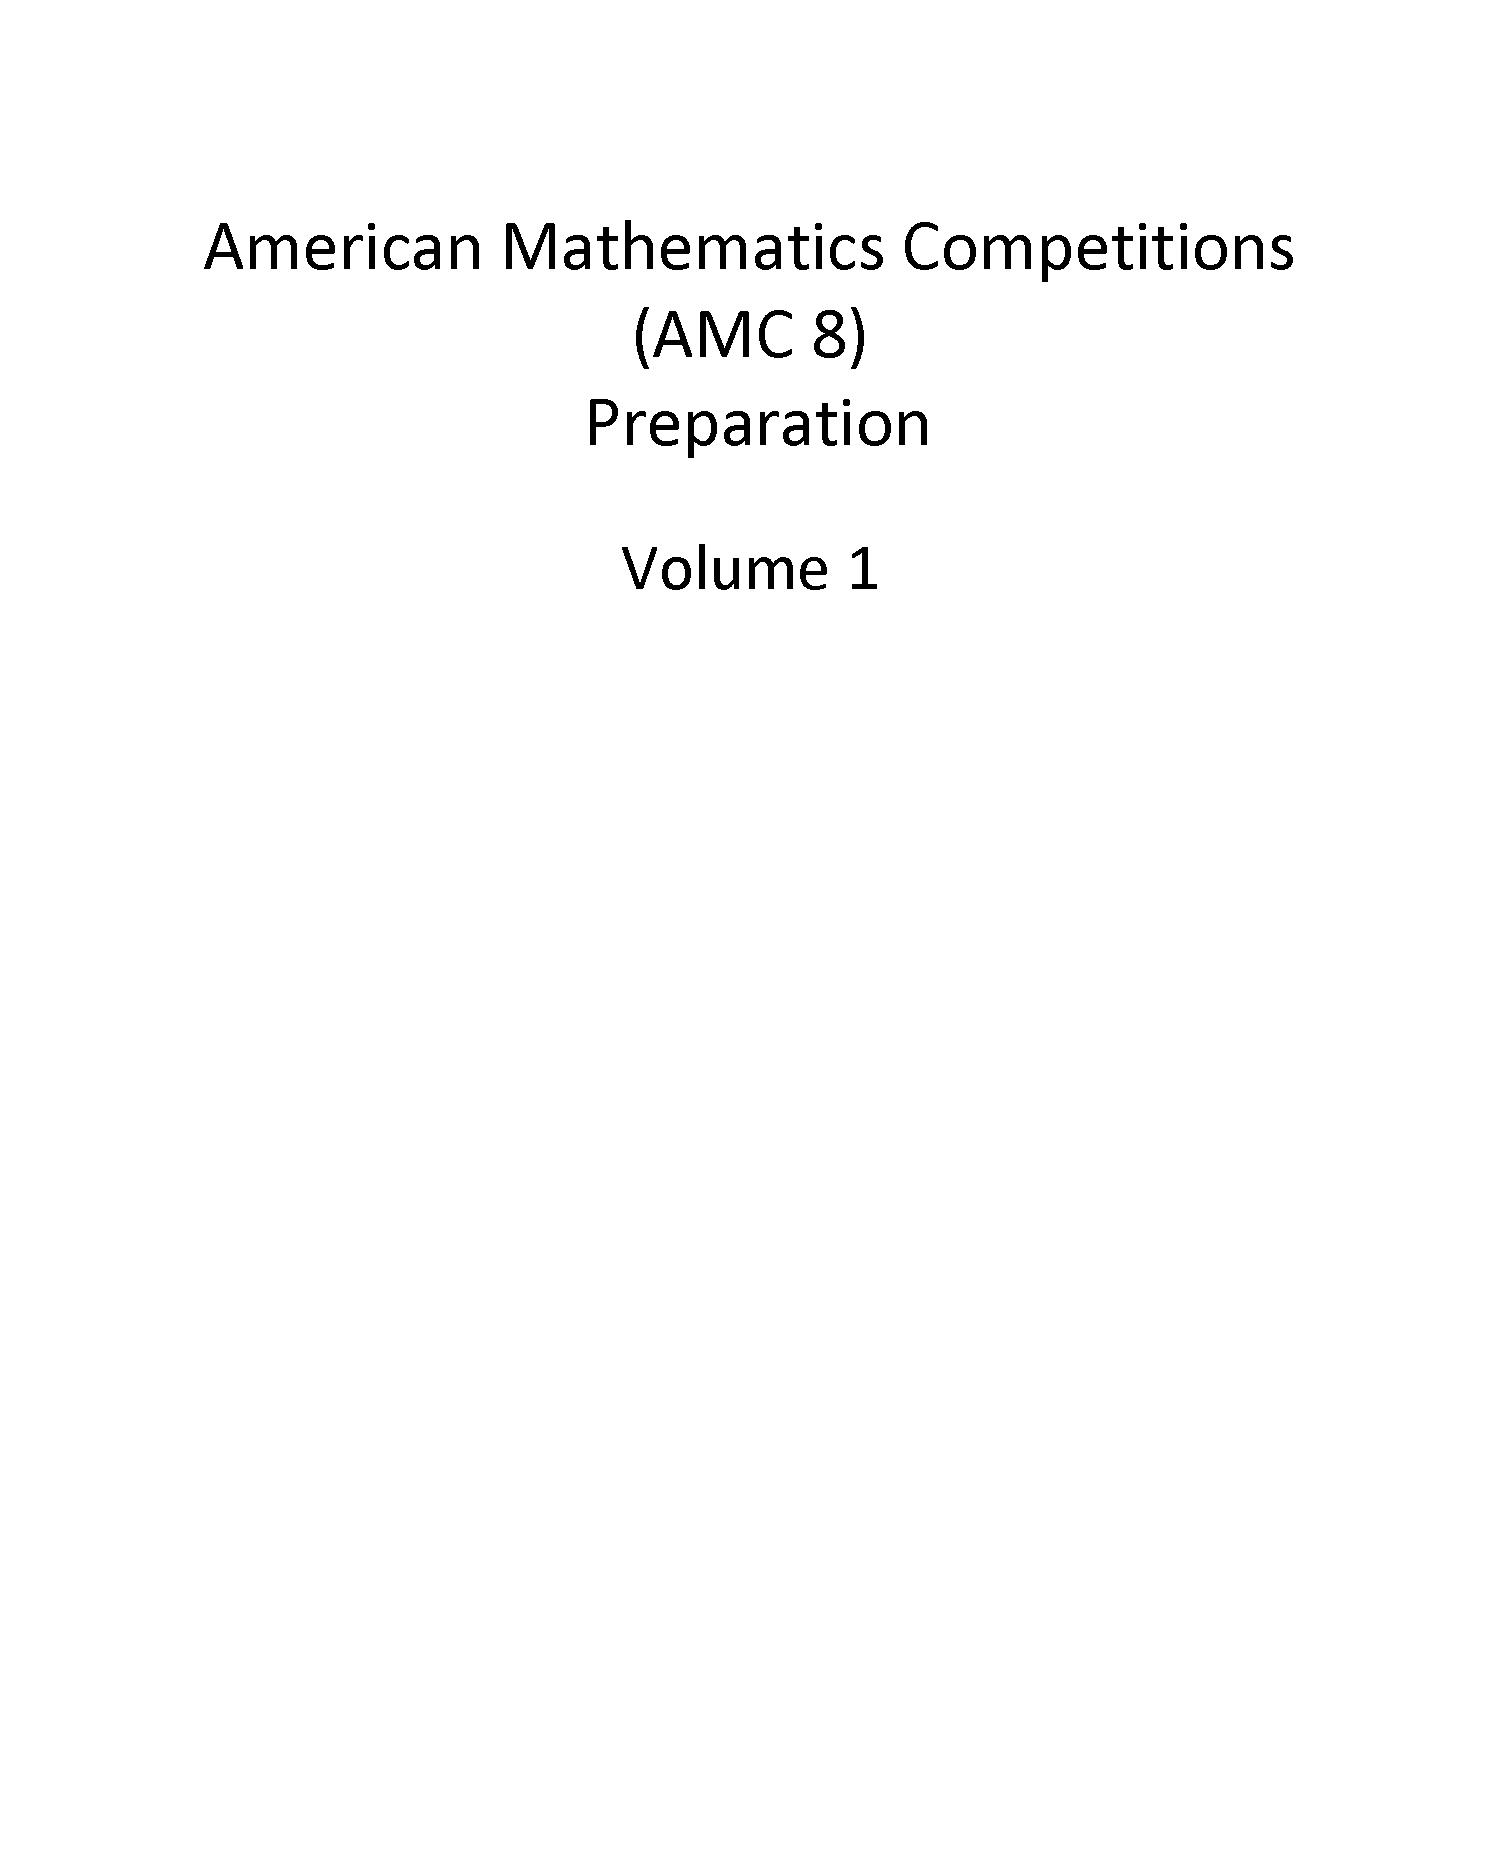 美国数学竞赛AMC8备赛参考书